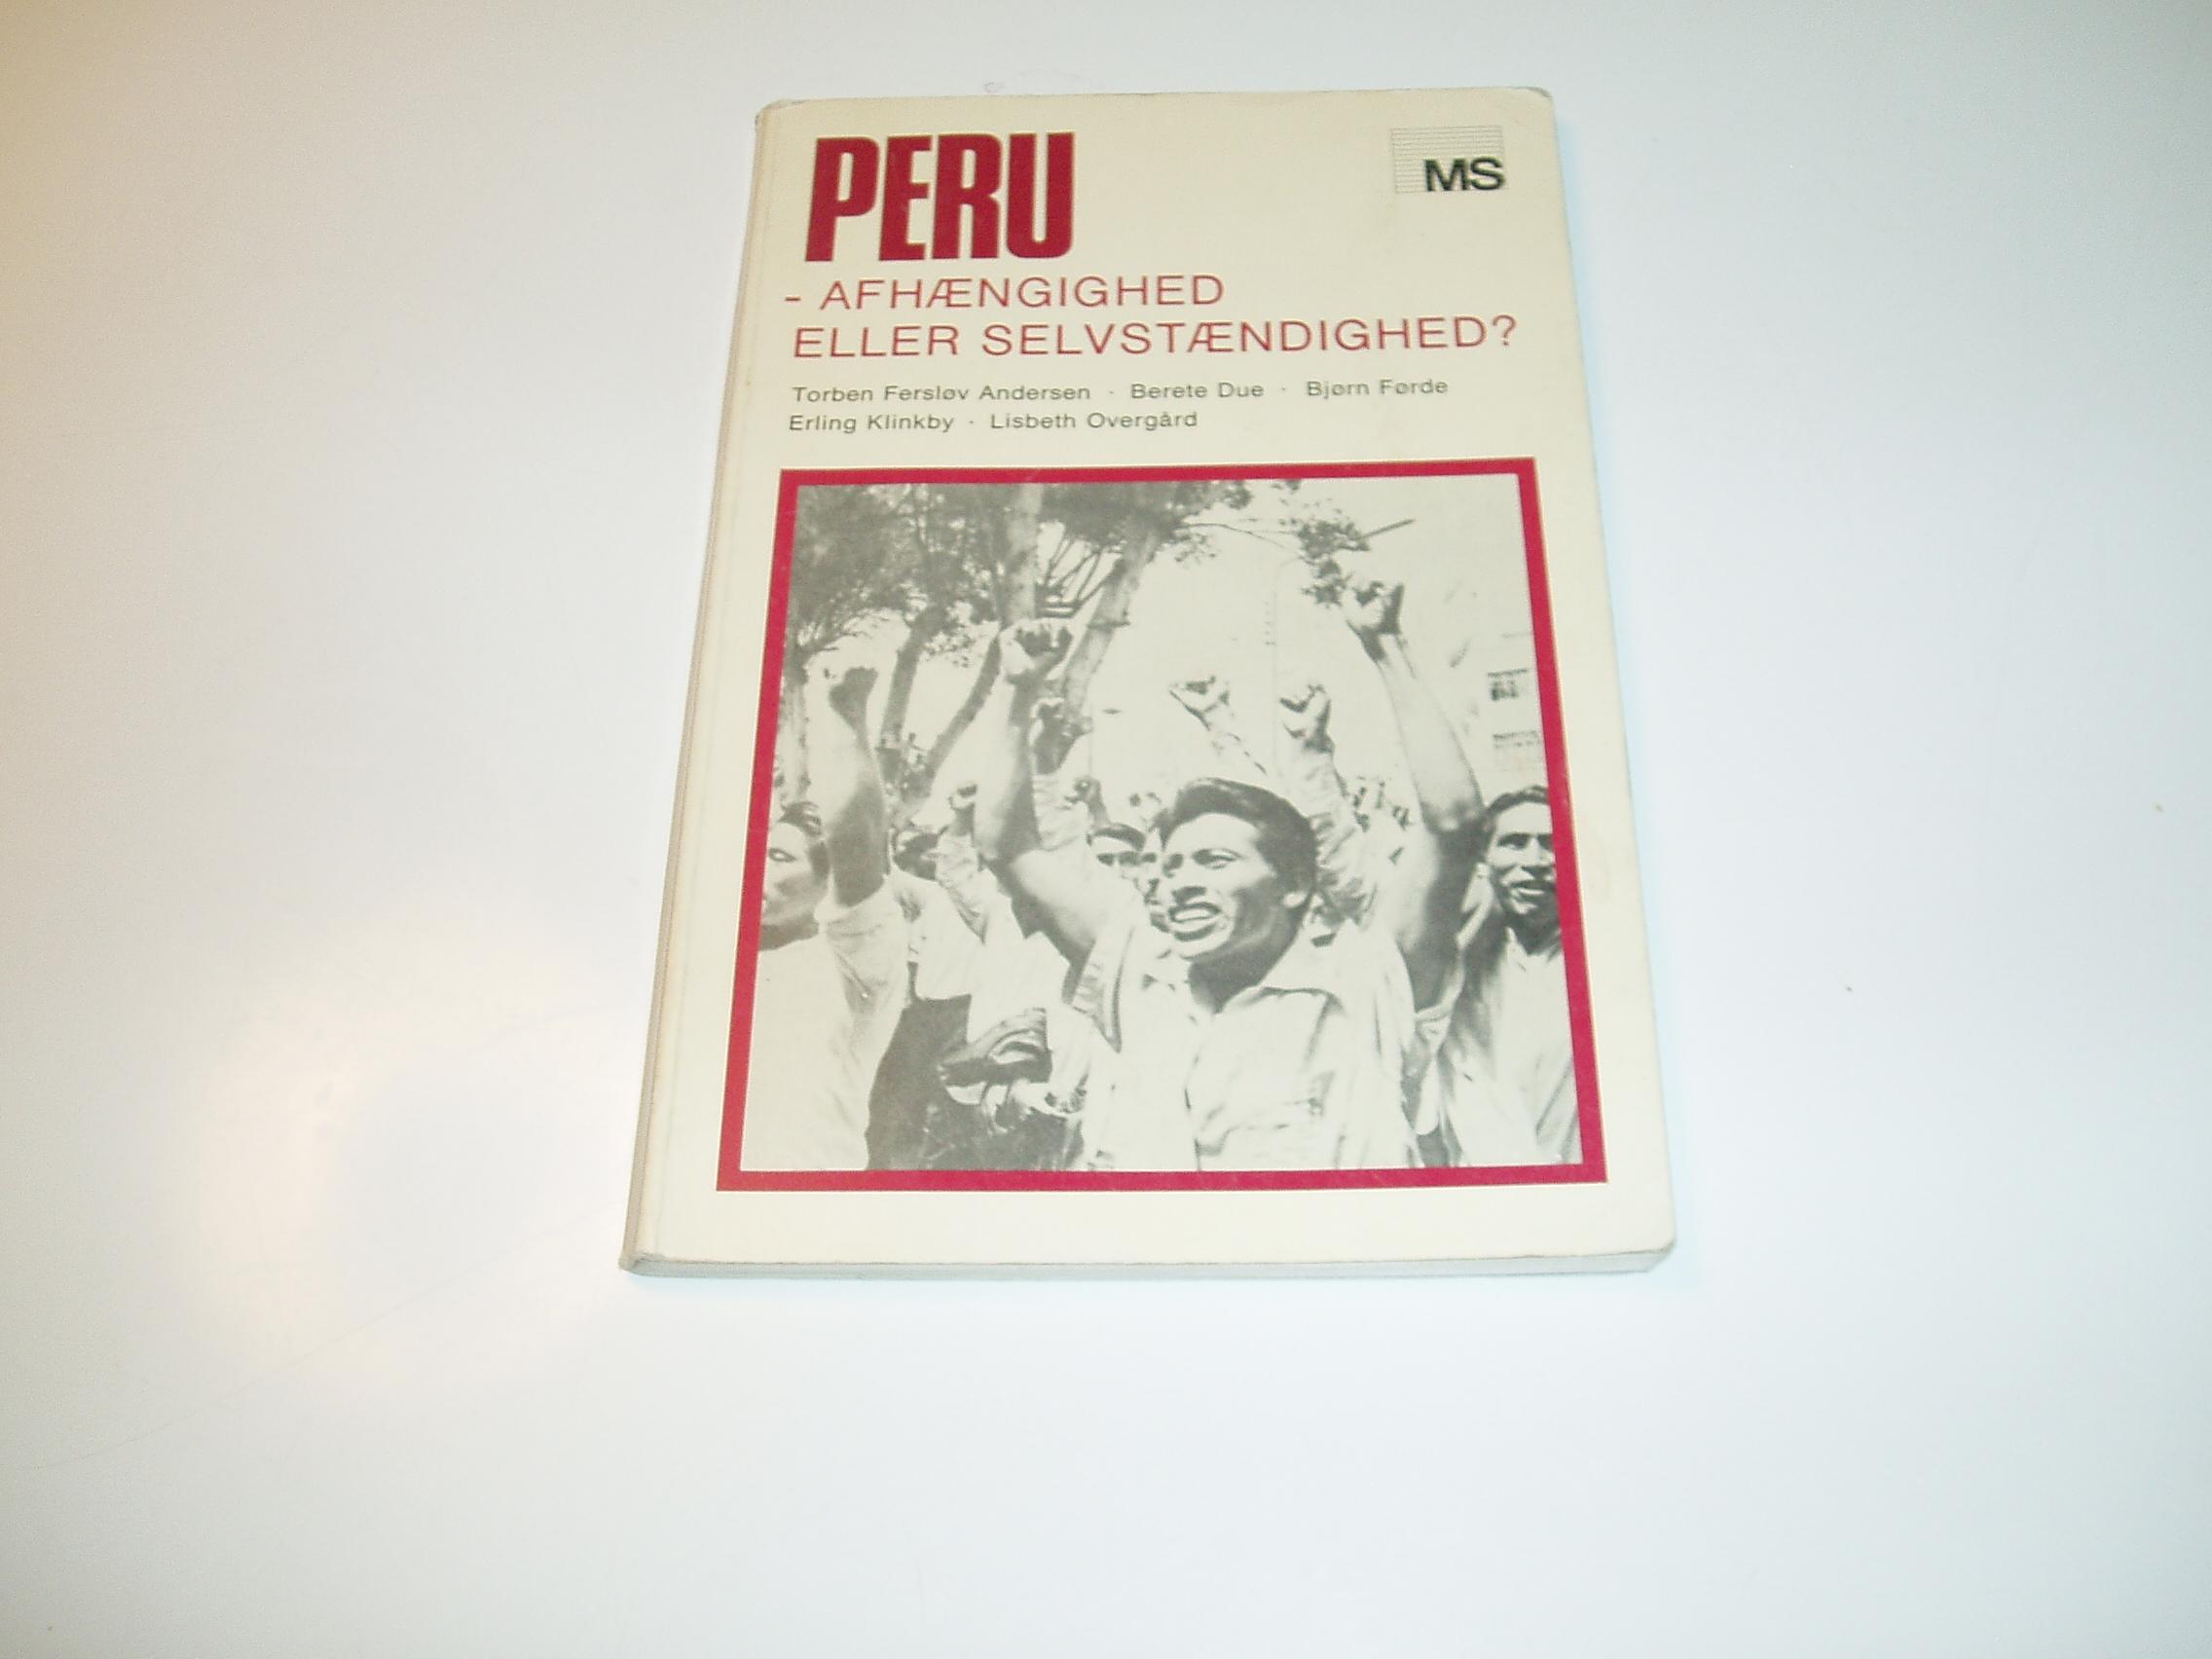 Peru - afhængighed eller selvstændighed?